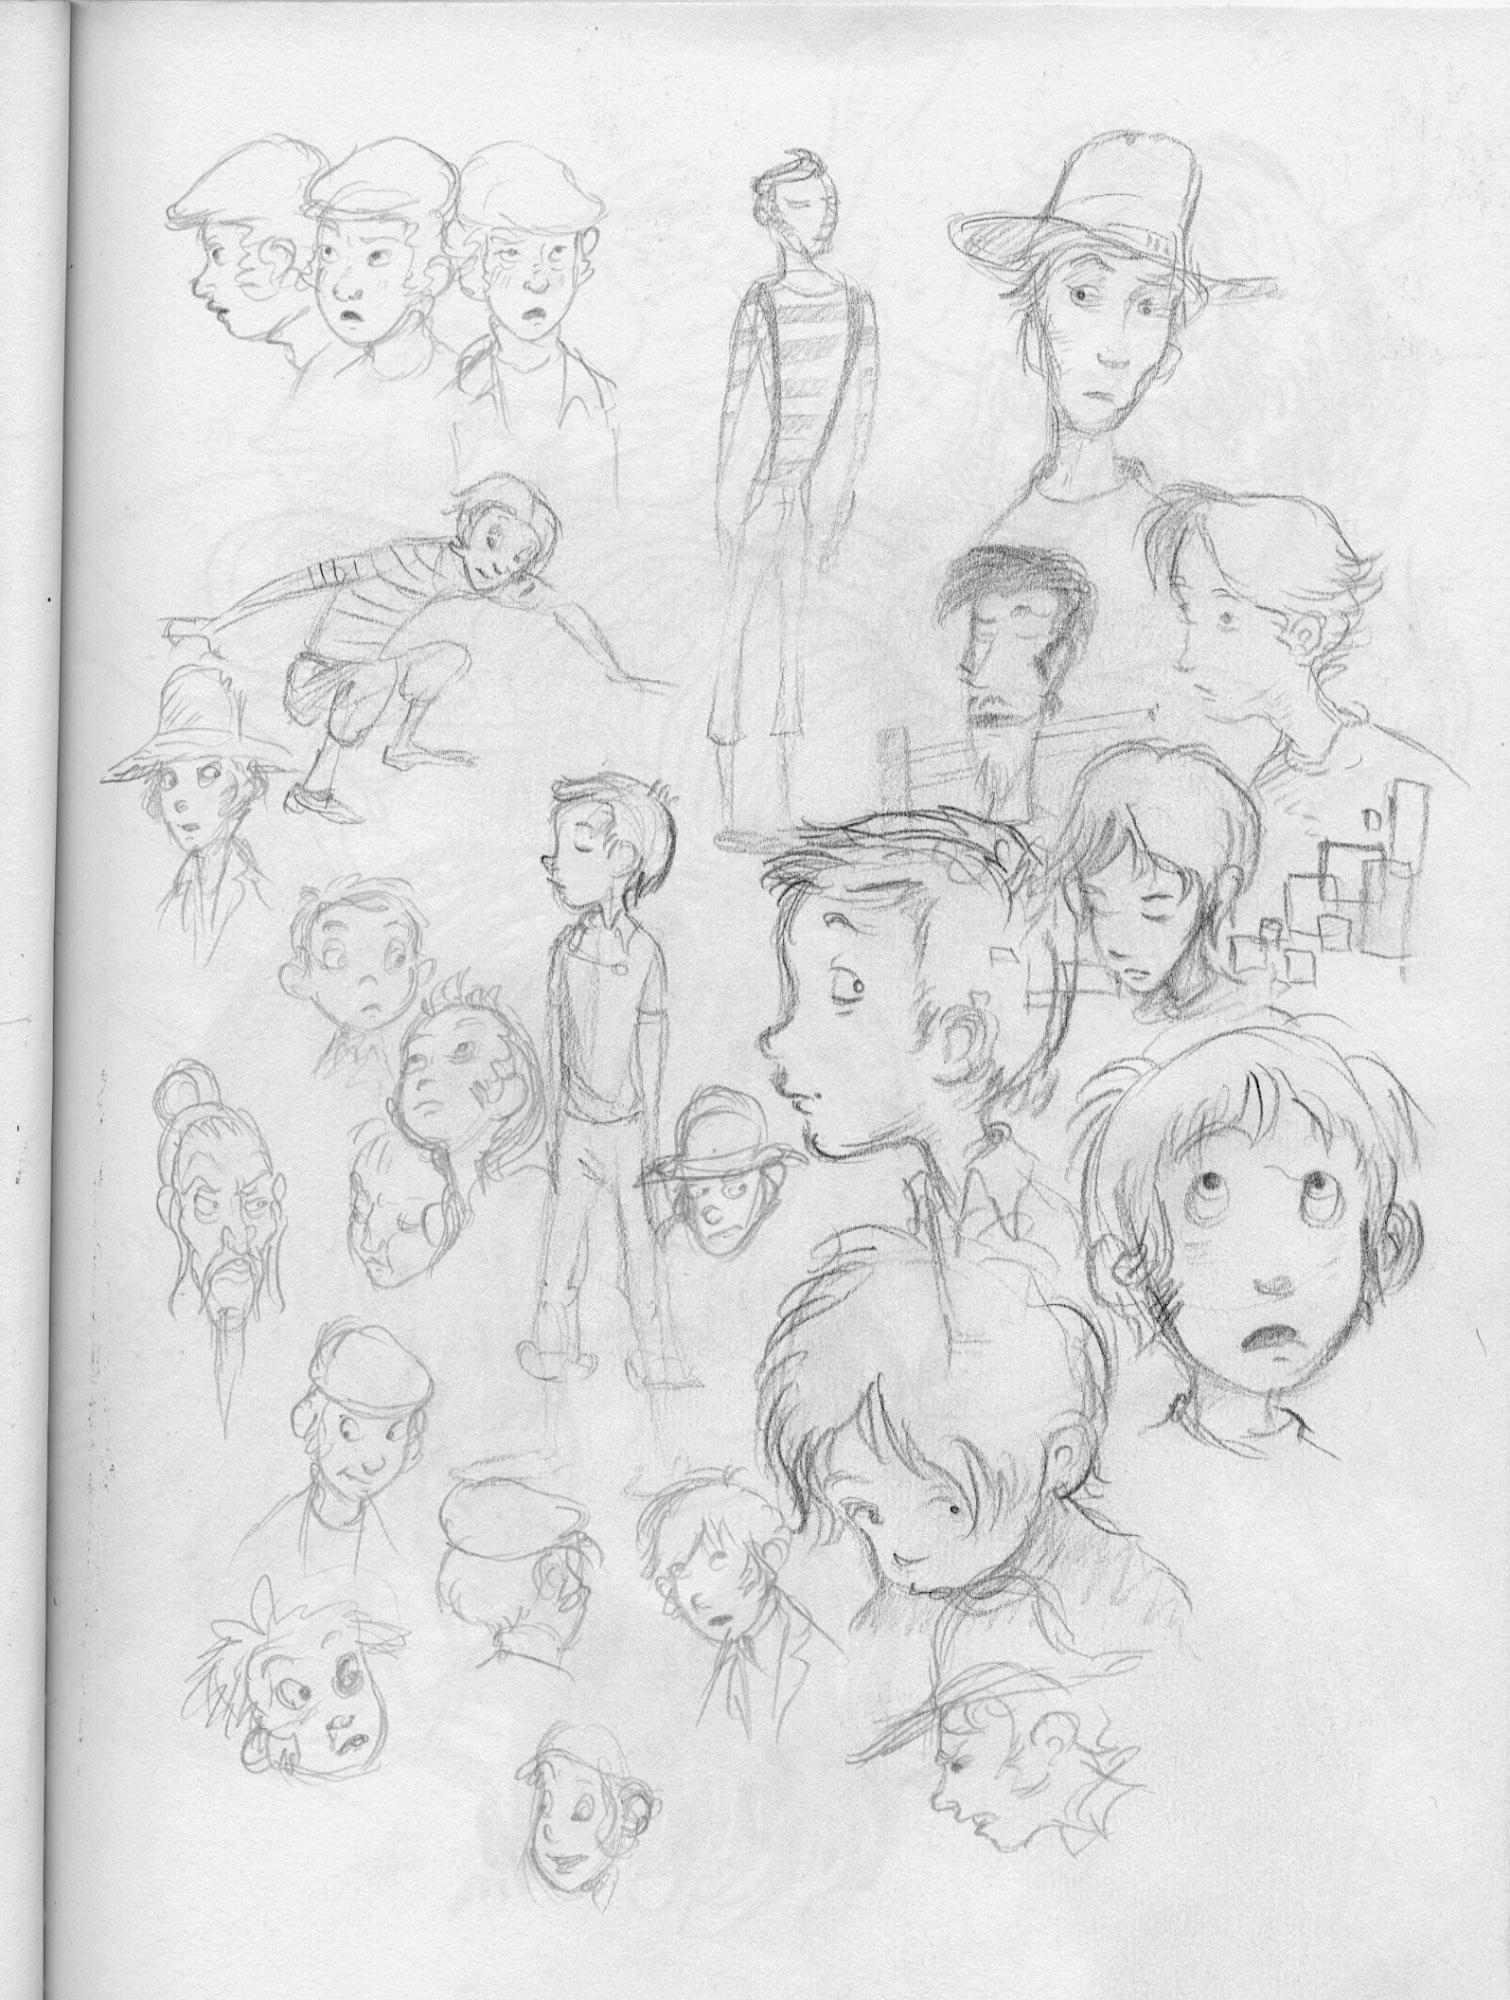 boy doodles